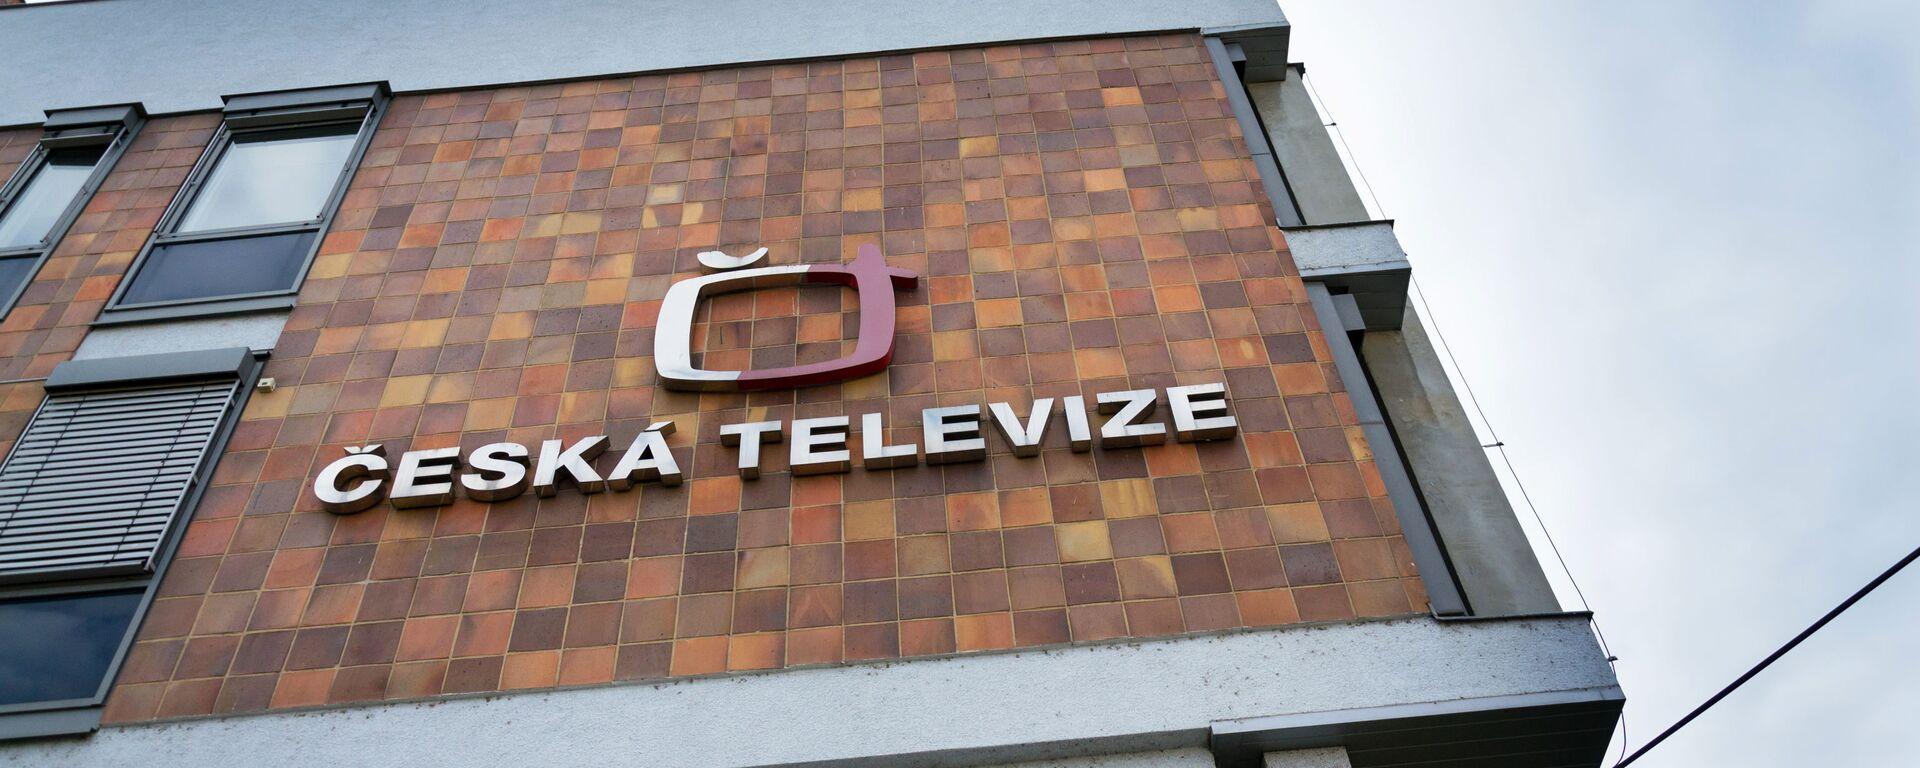 Česká televize - Sputnik Česká republika, 1920, 15.07.2021